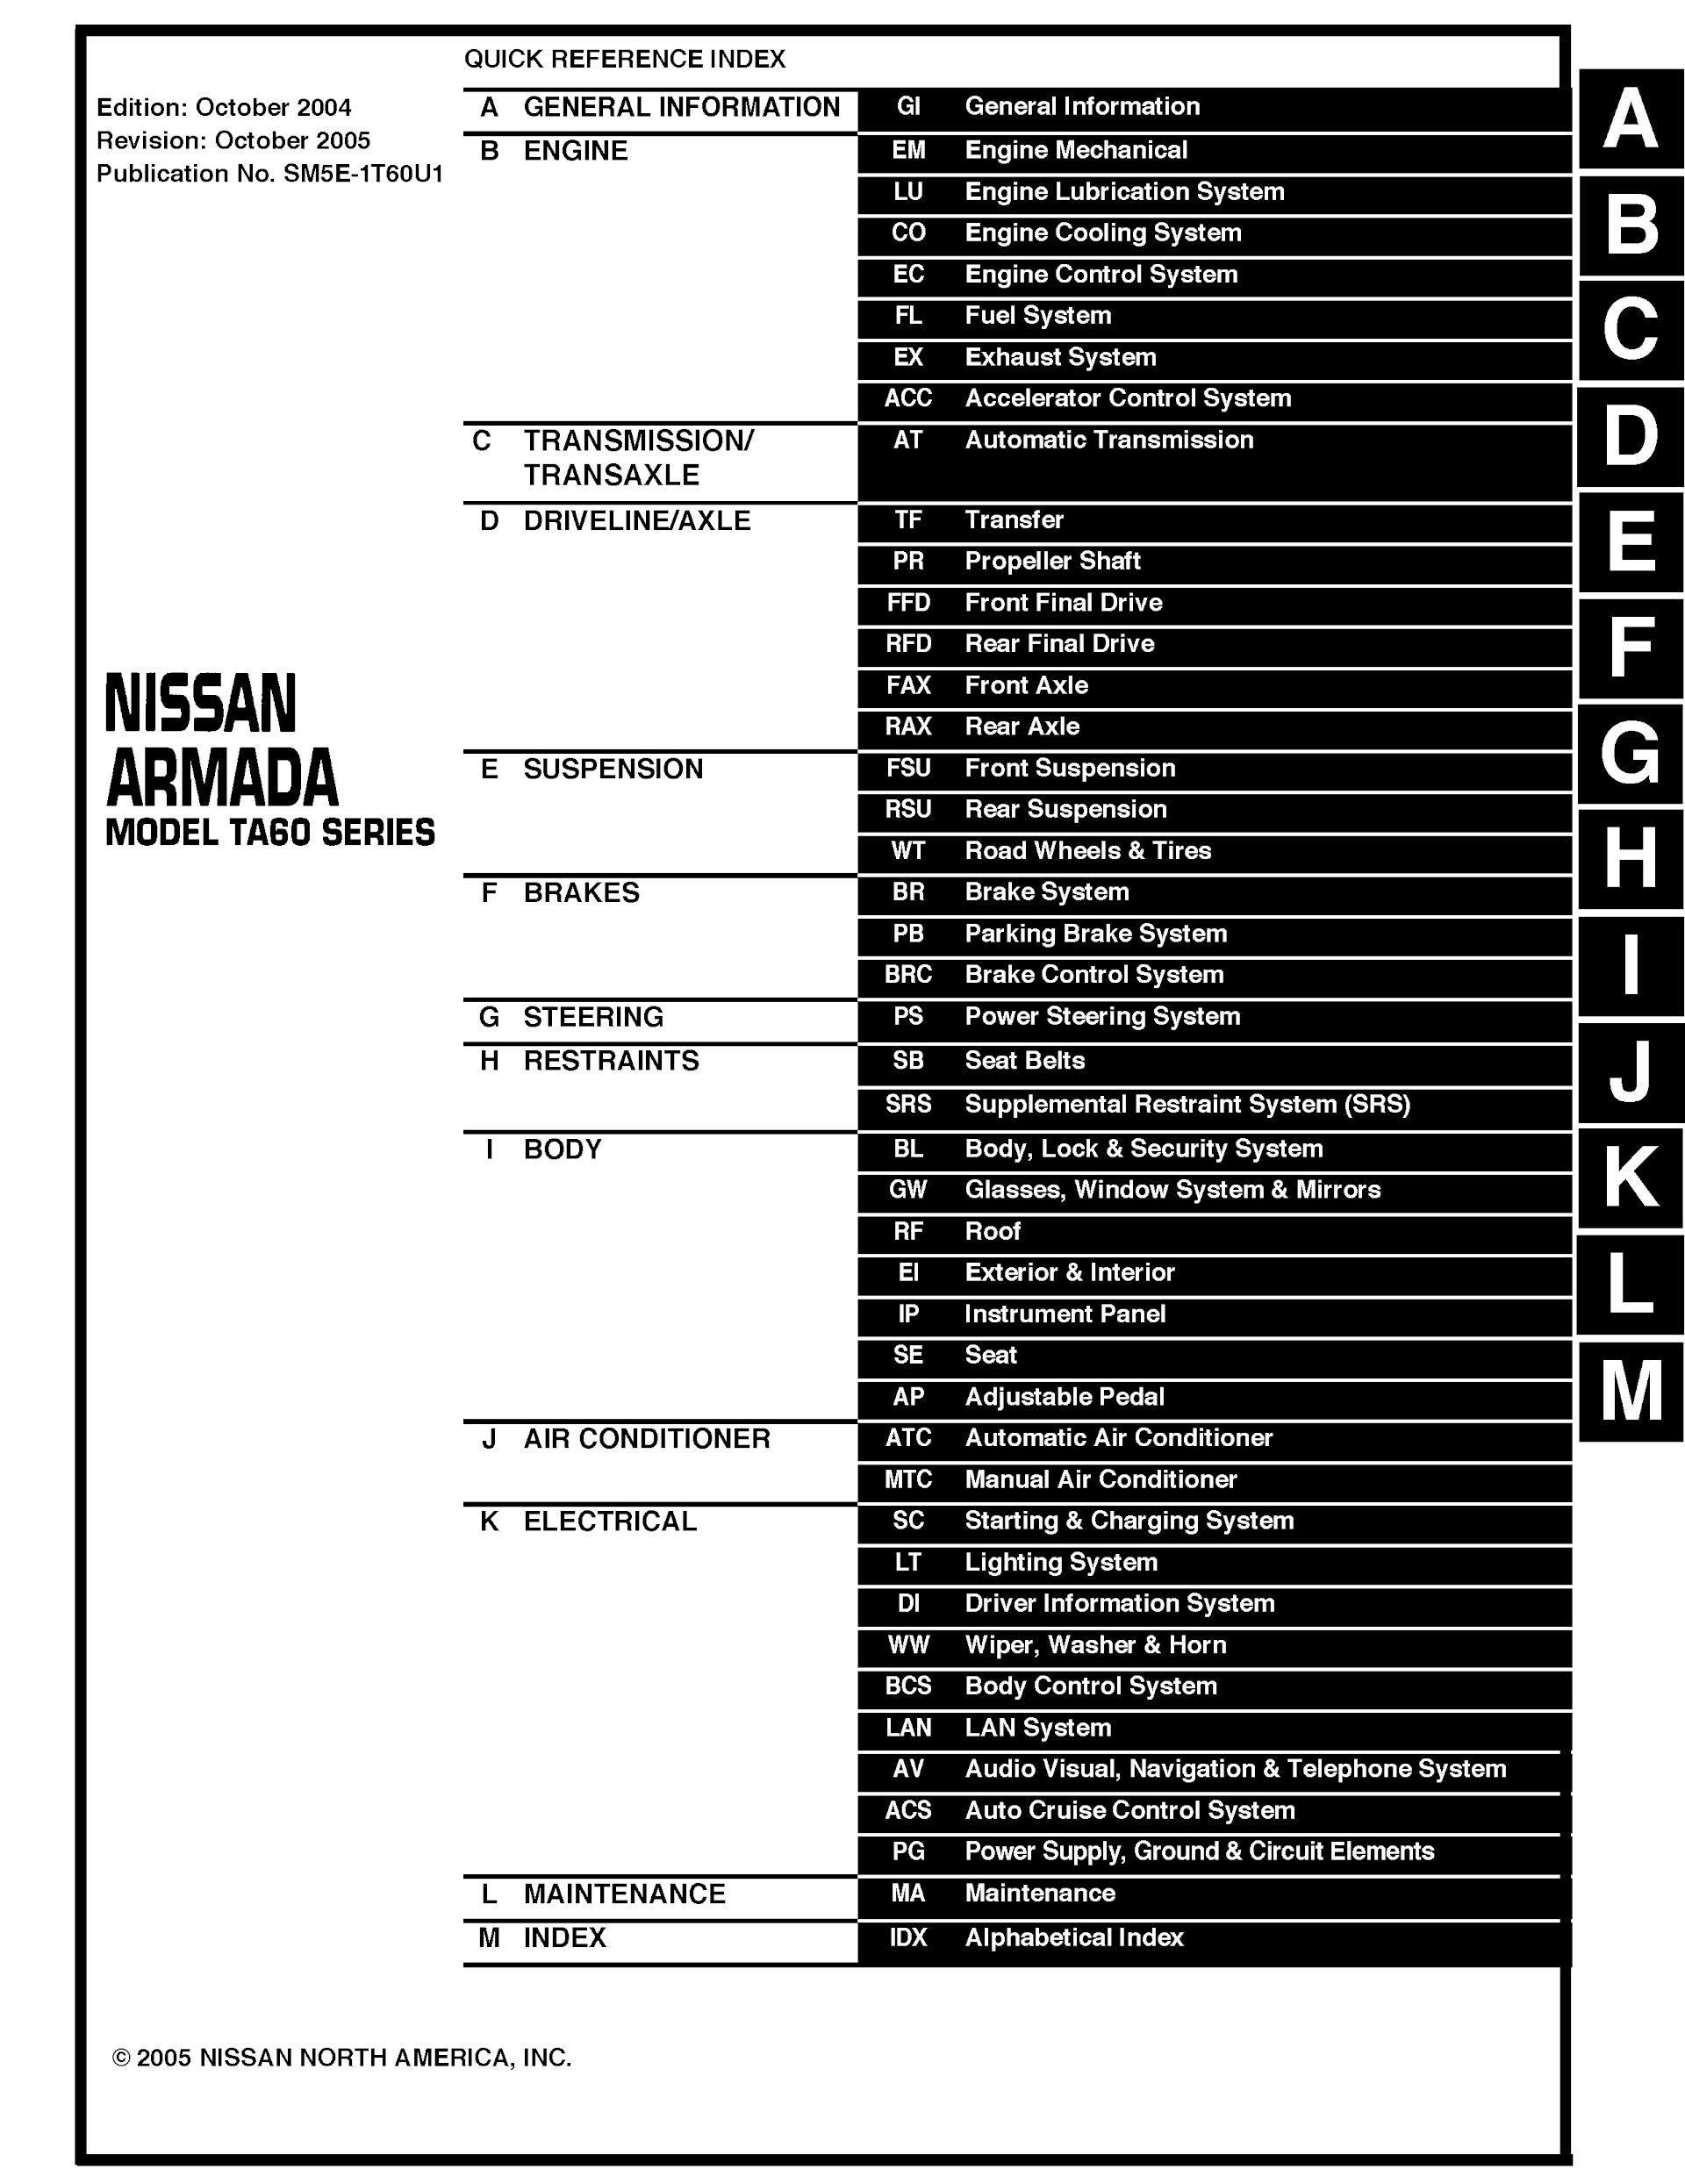 Download 2005 Nissan Armada Repair Manual